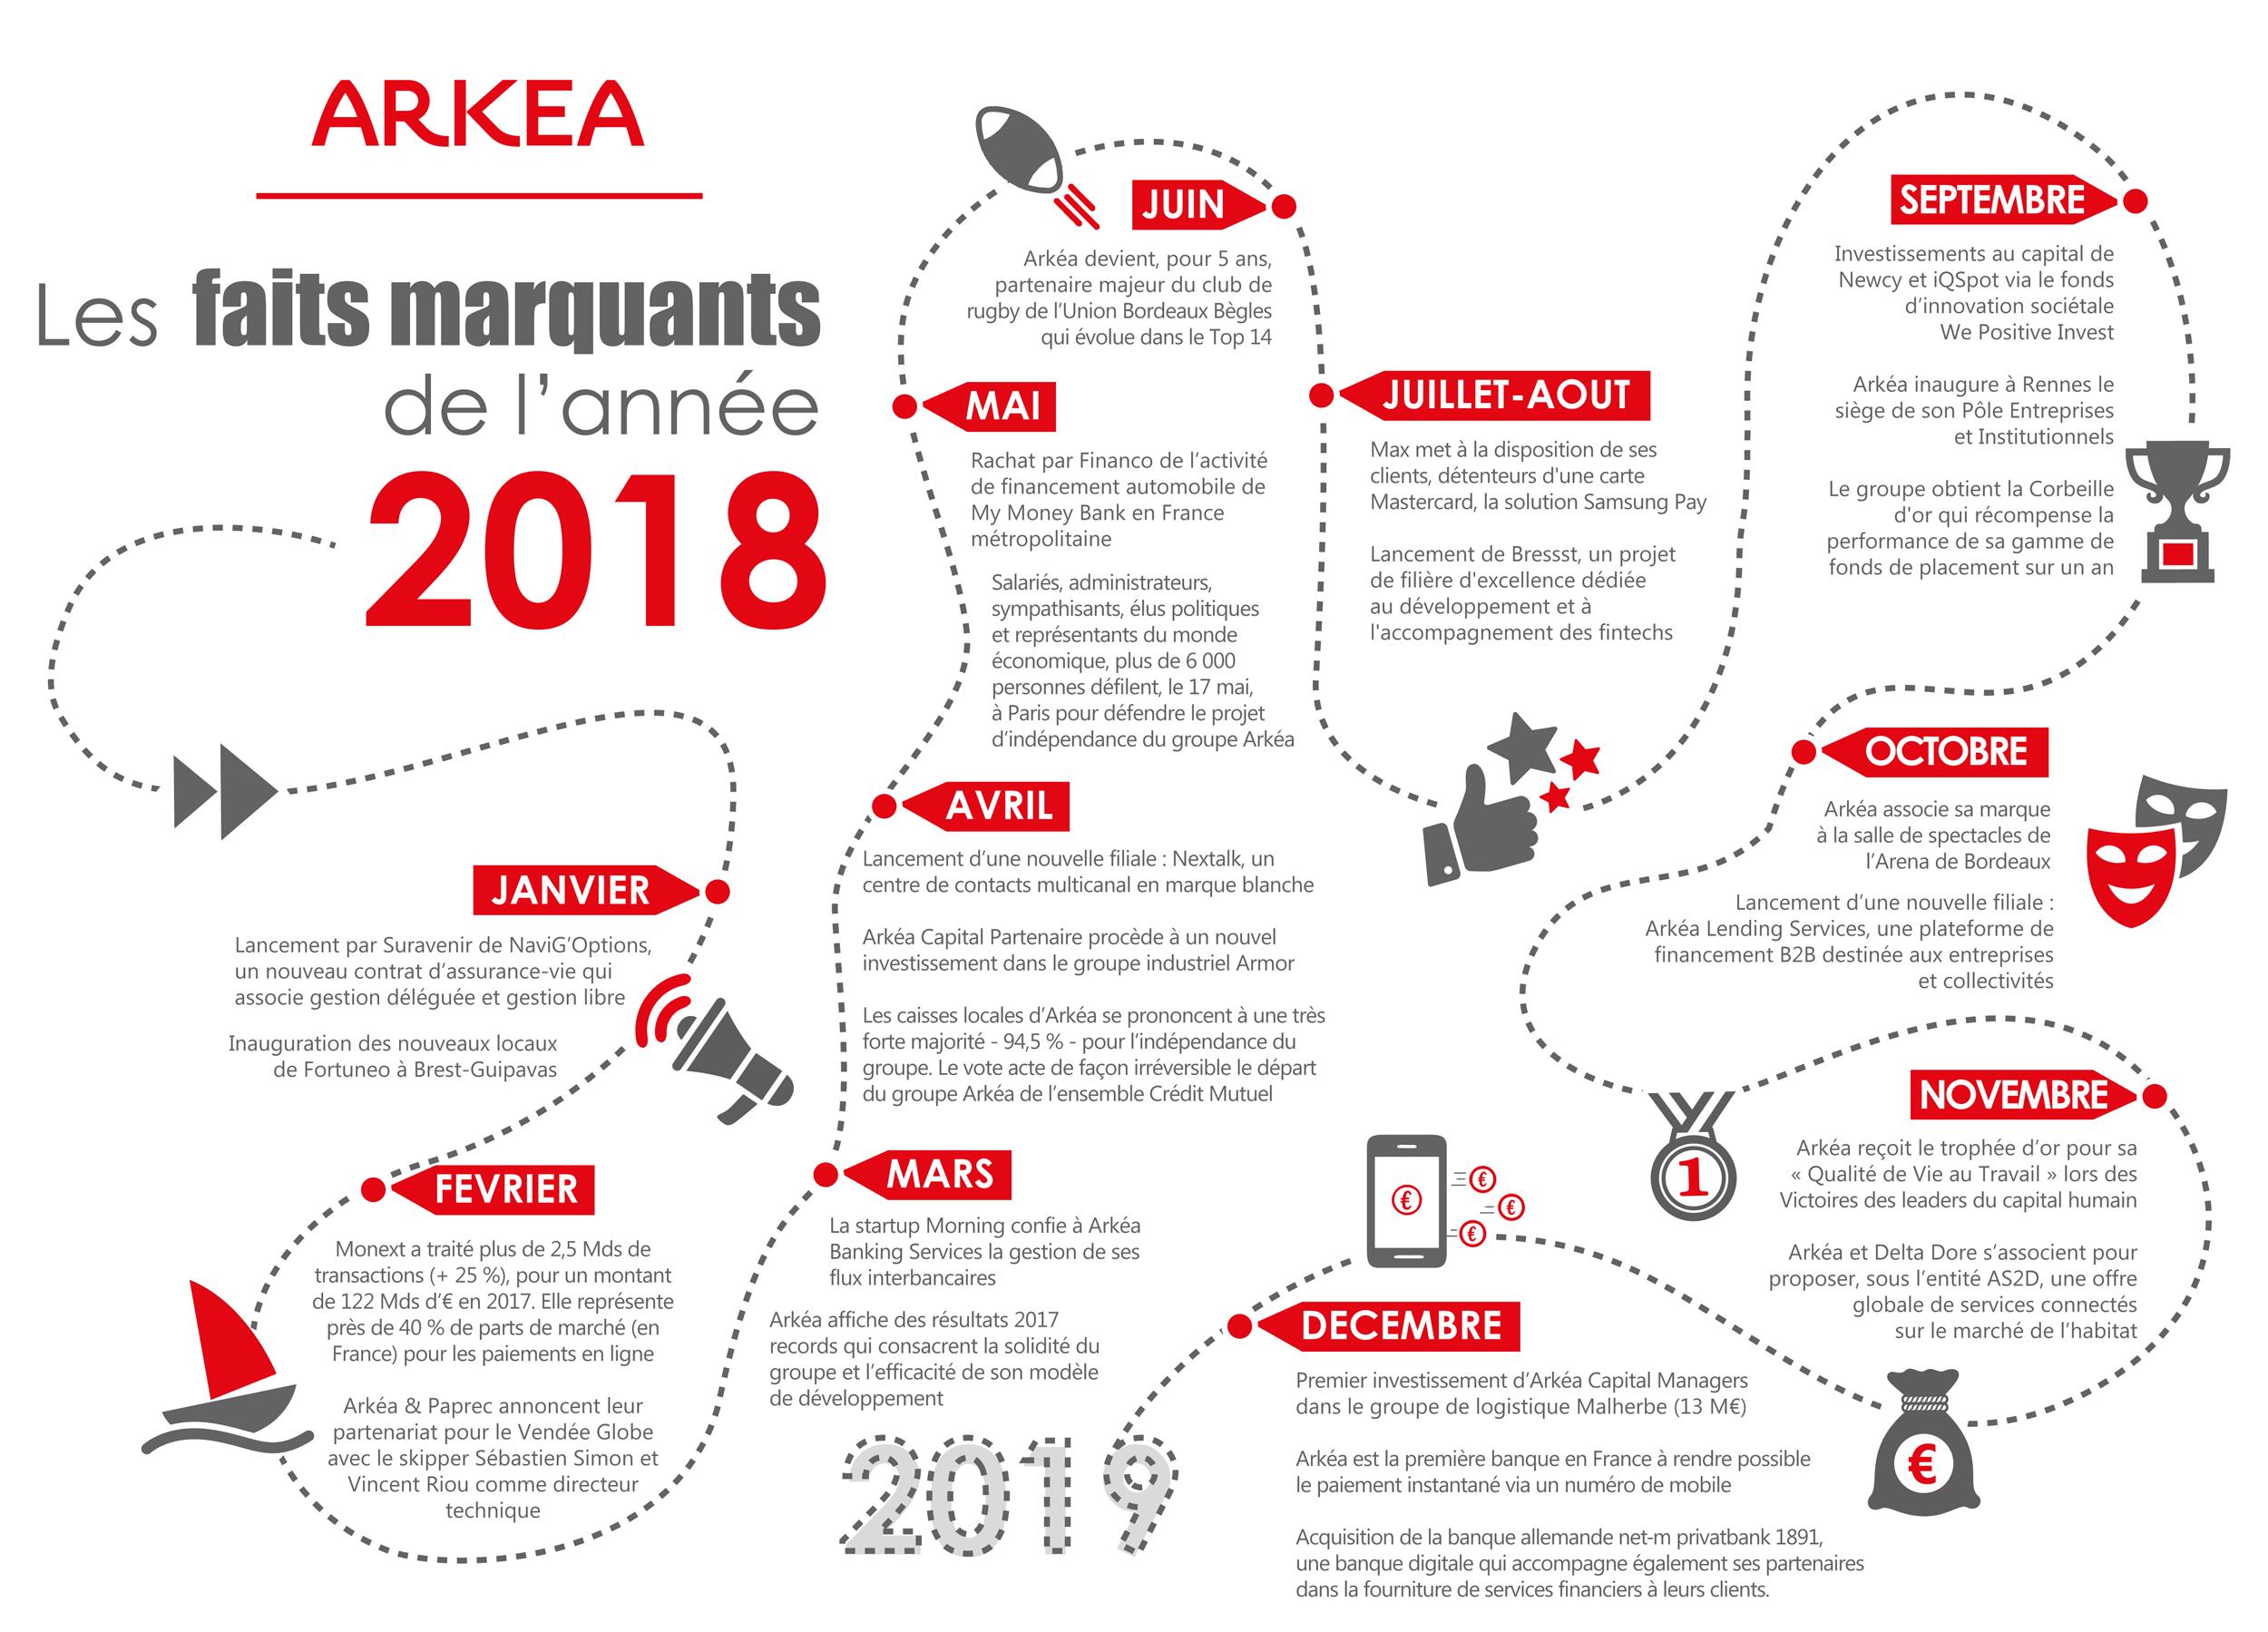 Les faits marquants de l'année 2018